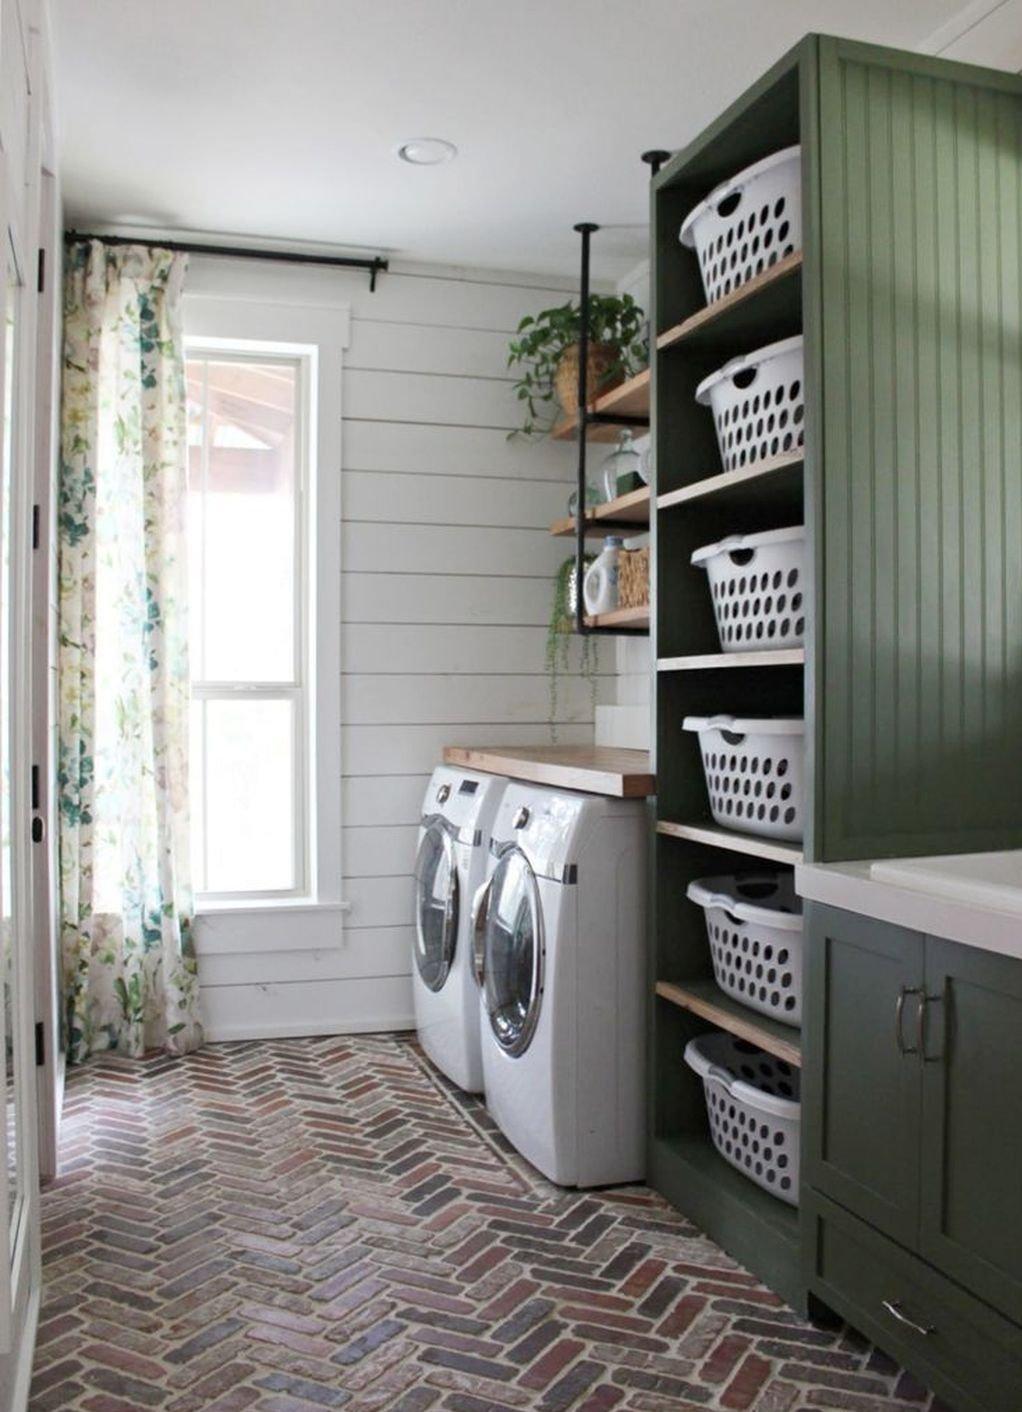 Laundry room with herringbone flooring